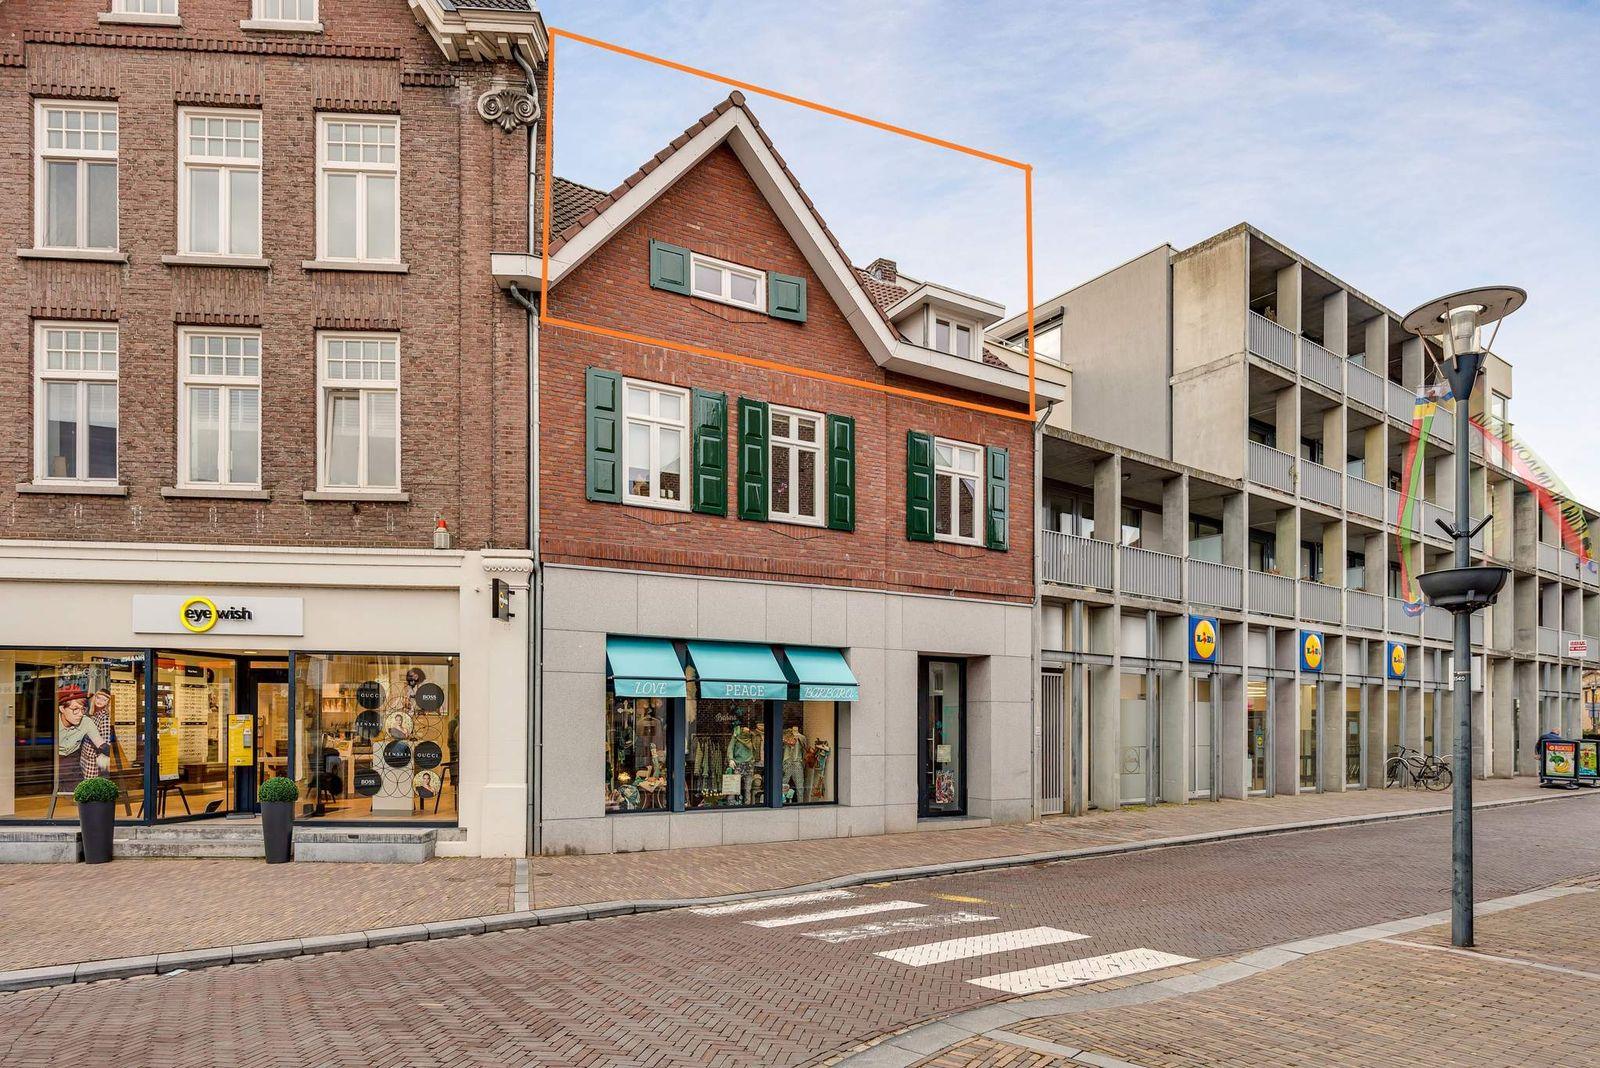 Gasthuisstraat 1-b, Meerssen